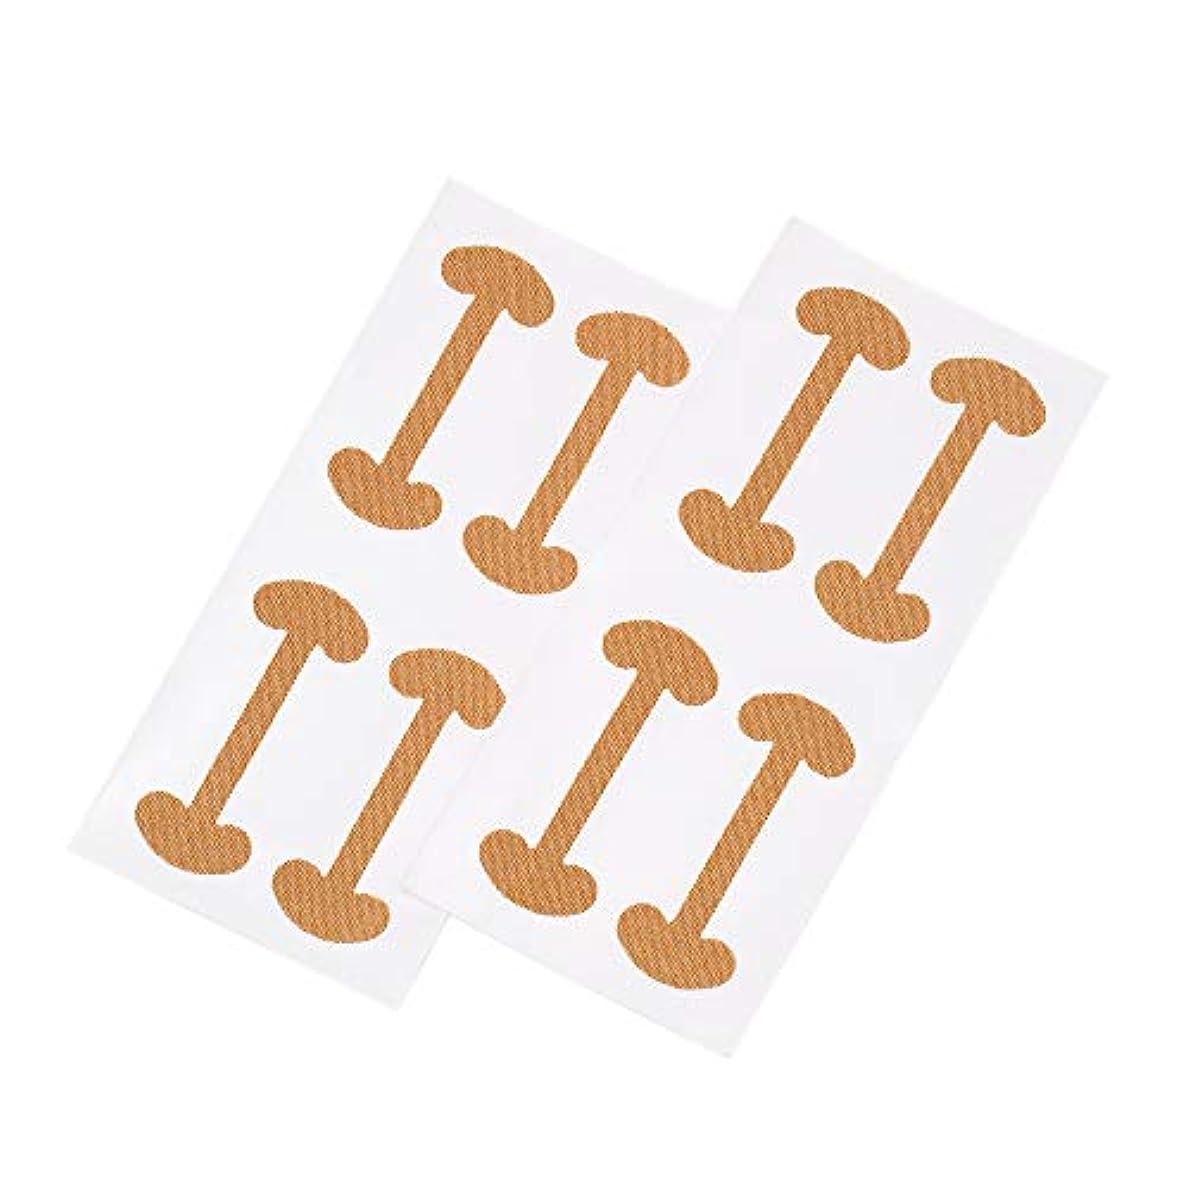 熟すストロー貴重なDecdeal 8ピース 巻き爪 ケアテープ まきずめ 矯正 巻きヅメ 矯正 爪の治療 爪の矯正パッチ 爪リフタ